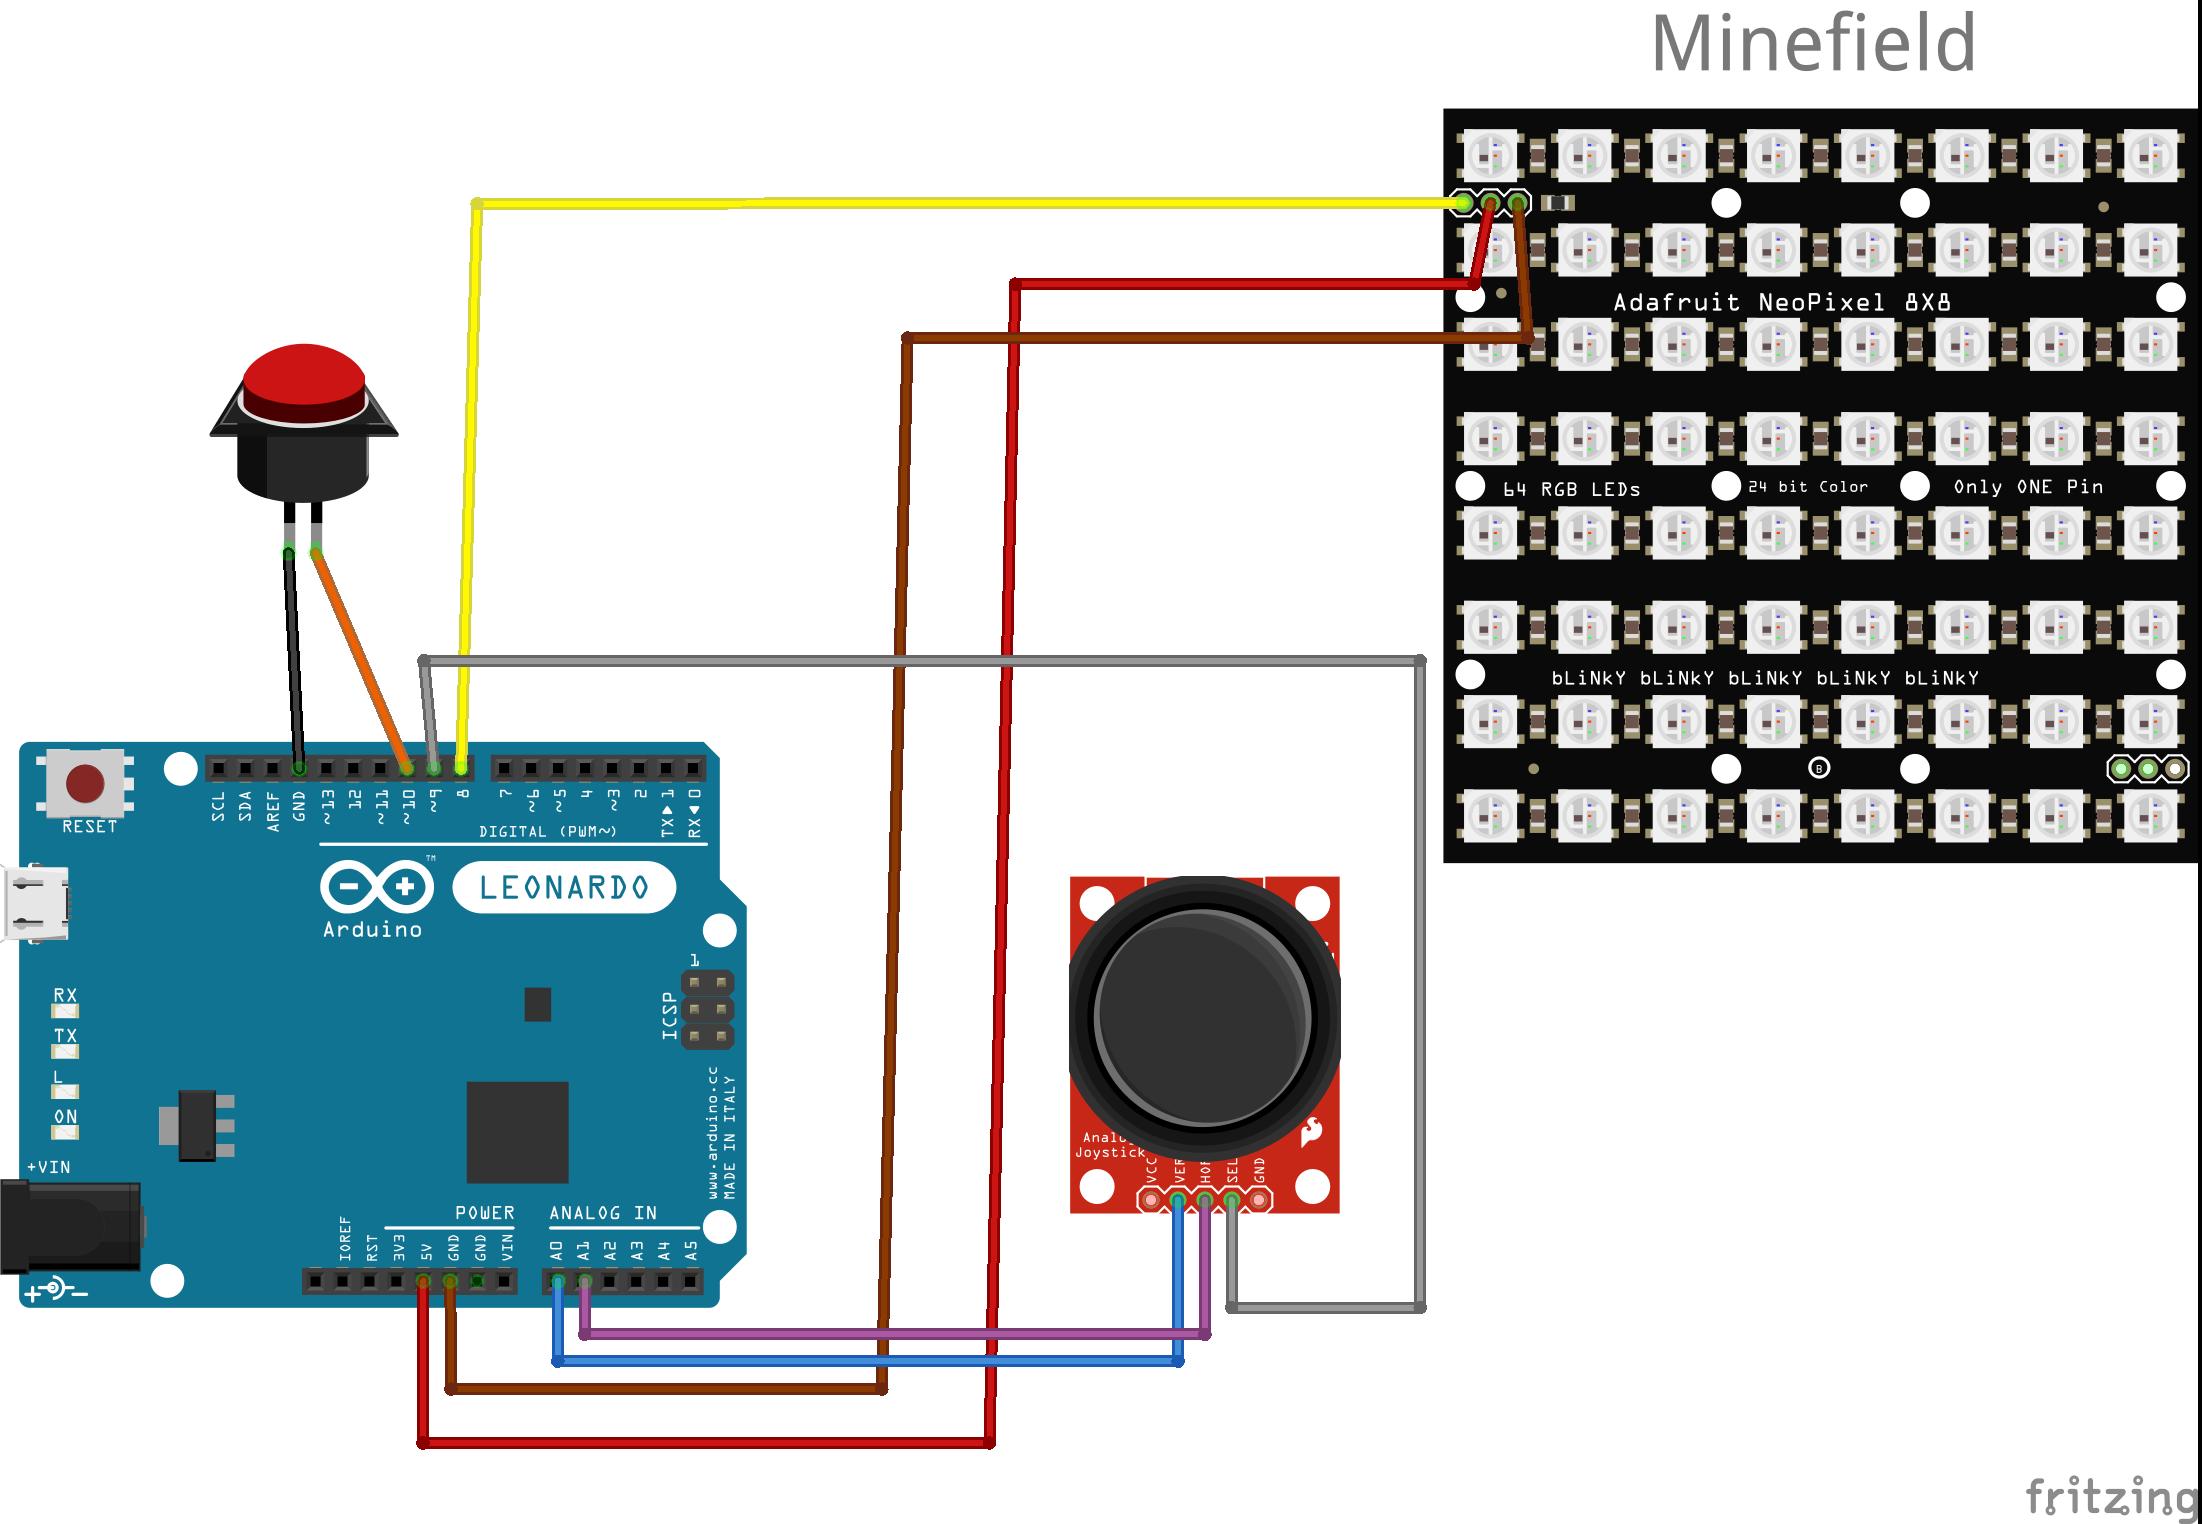 Minesweeper bb k32oclscim